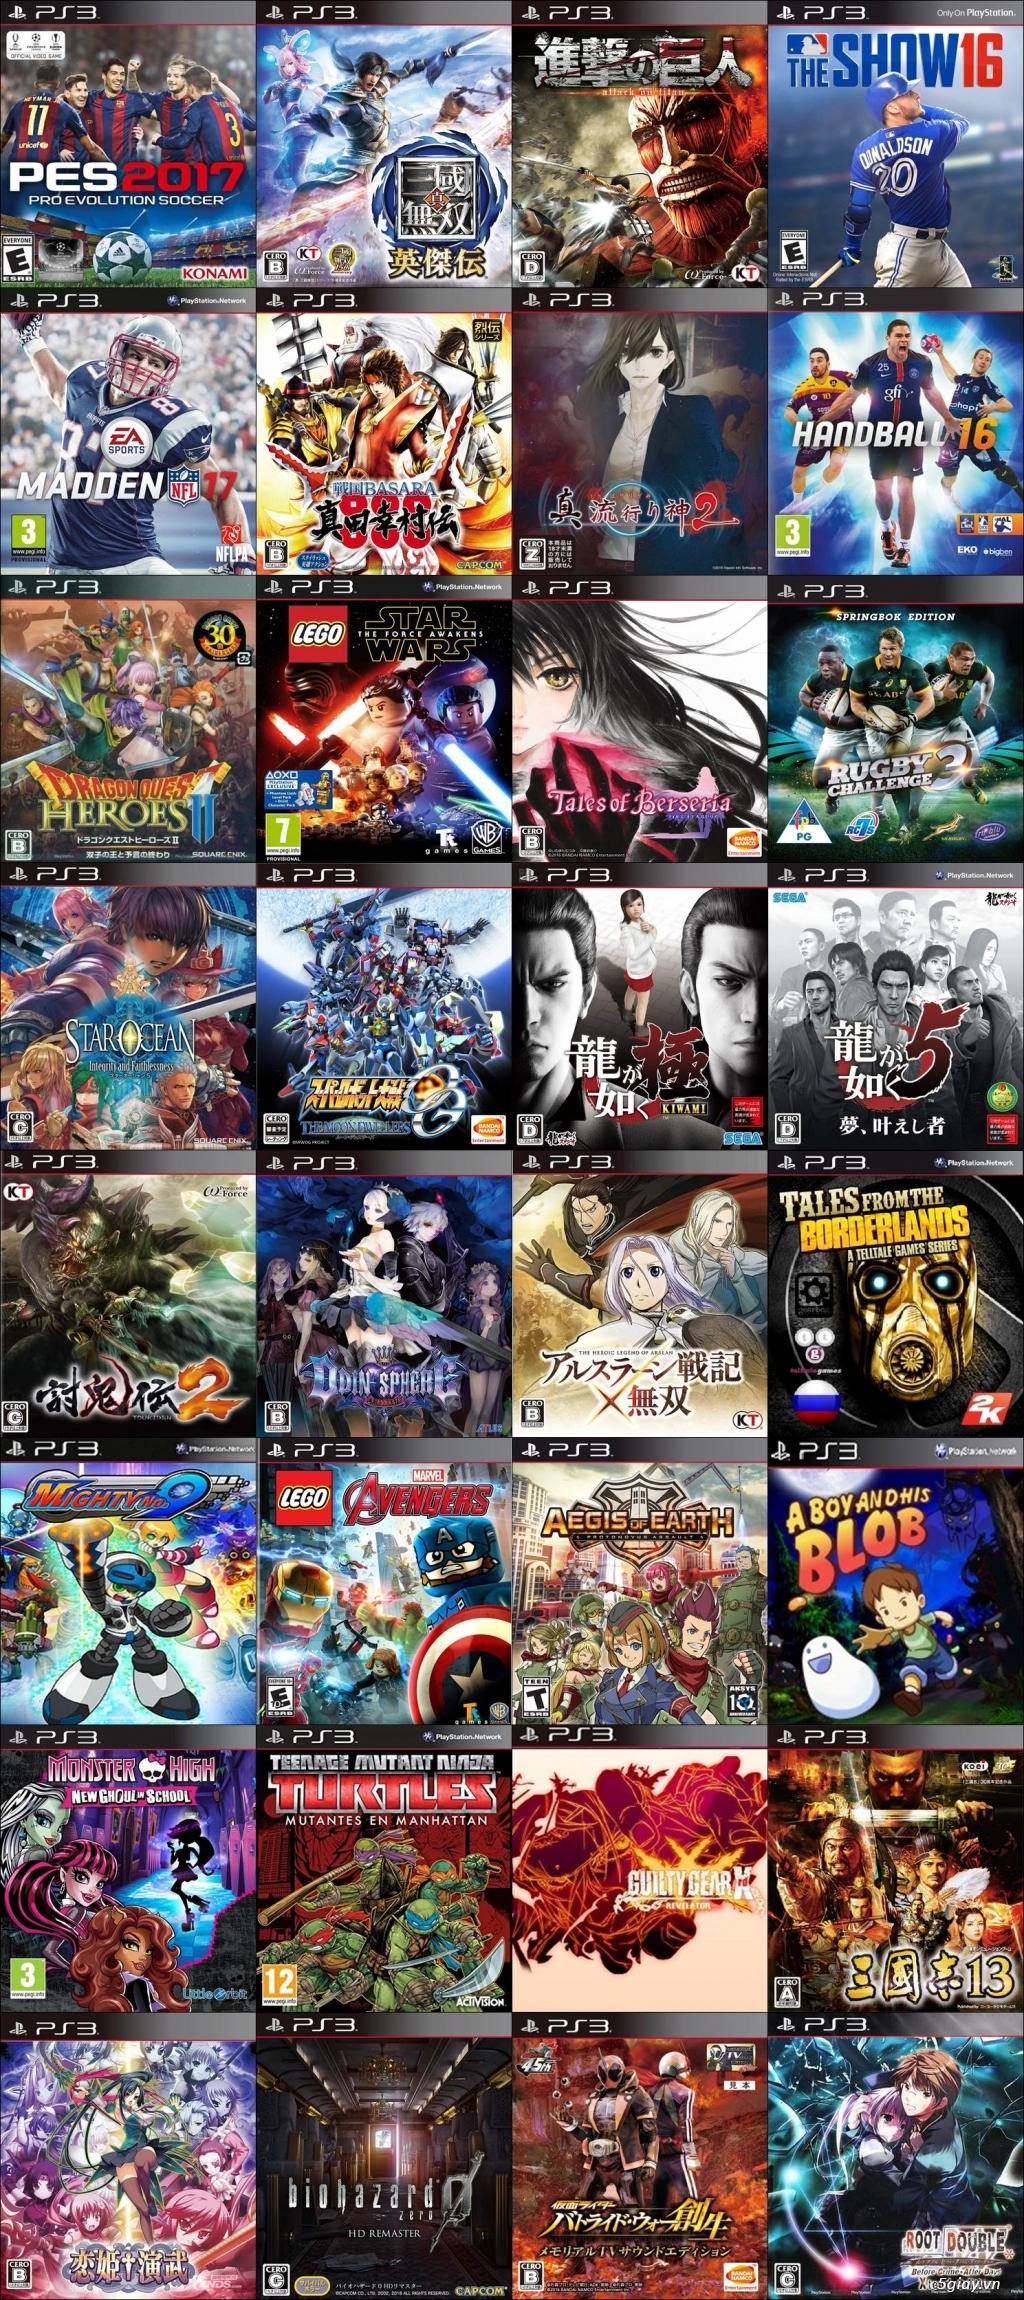 Chép Game PS3 tại nhà giá rẻ nhất TPHCM - PS3VN.COM - 13